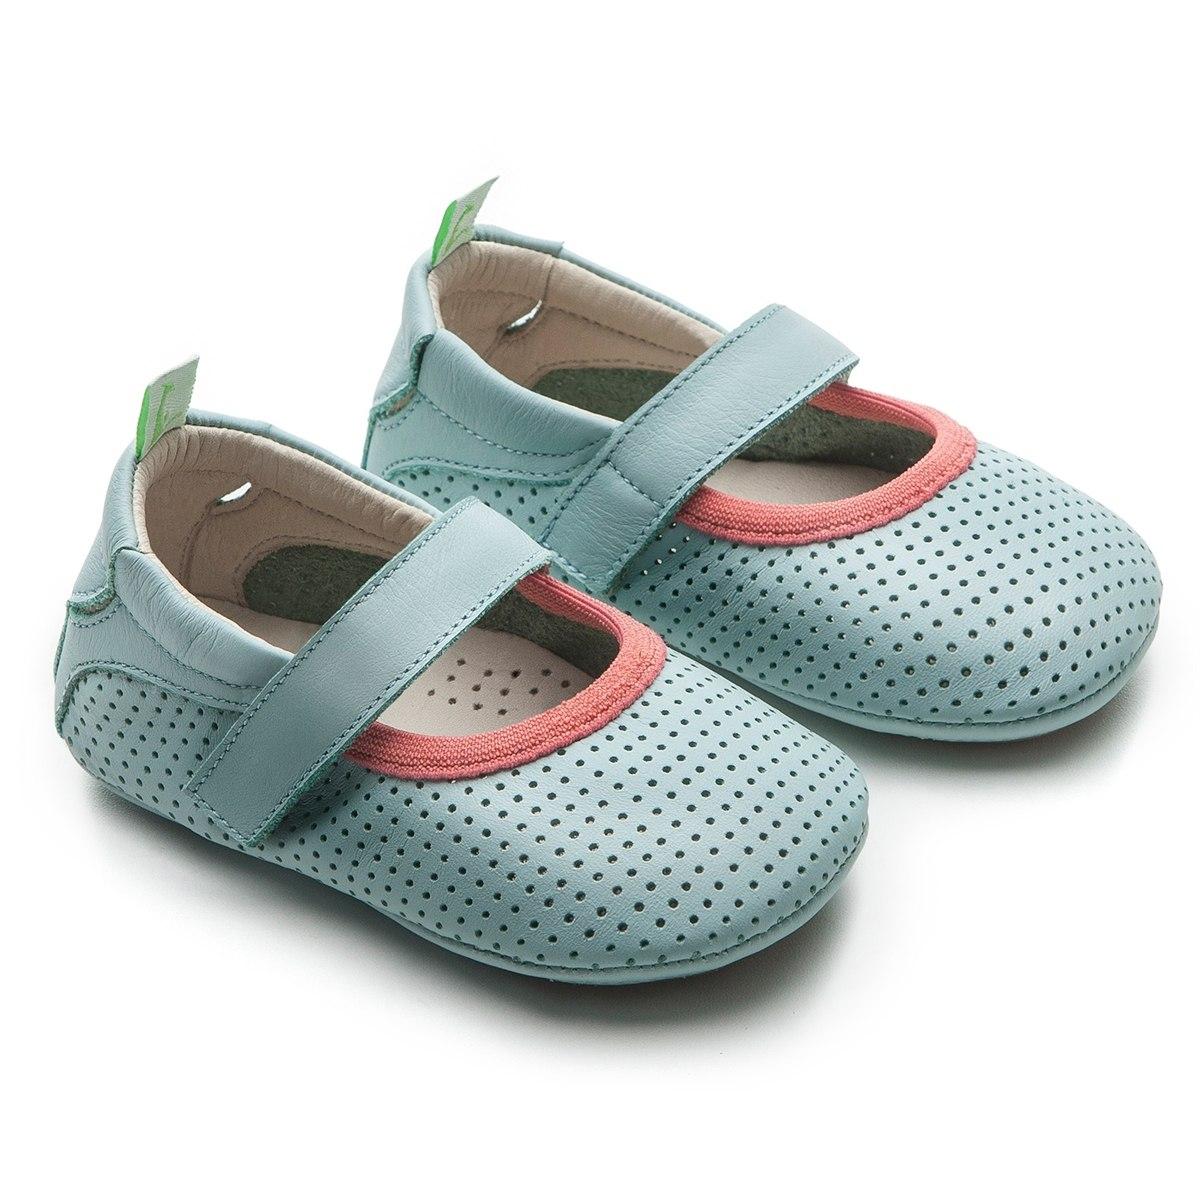 af8d897595 sapatilha infantil freely aquamarine holes - tip toey joey. Carregando zoom.